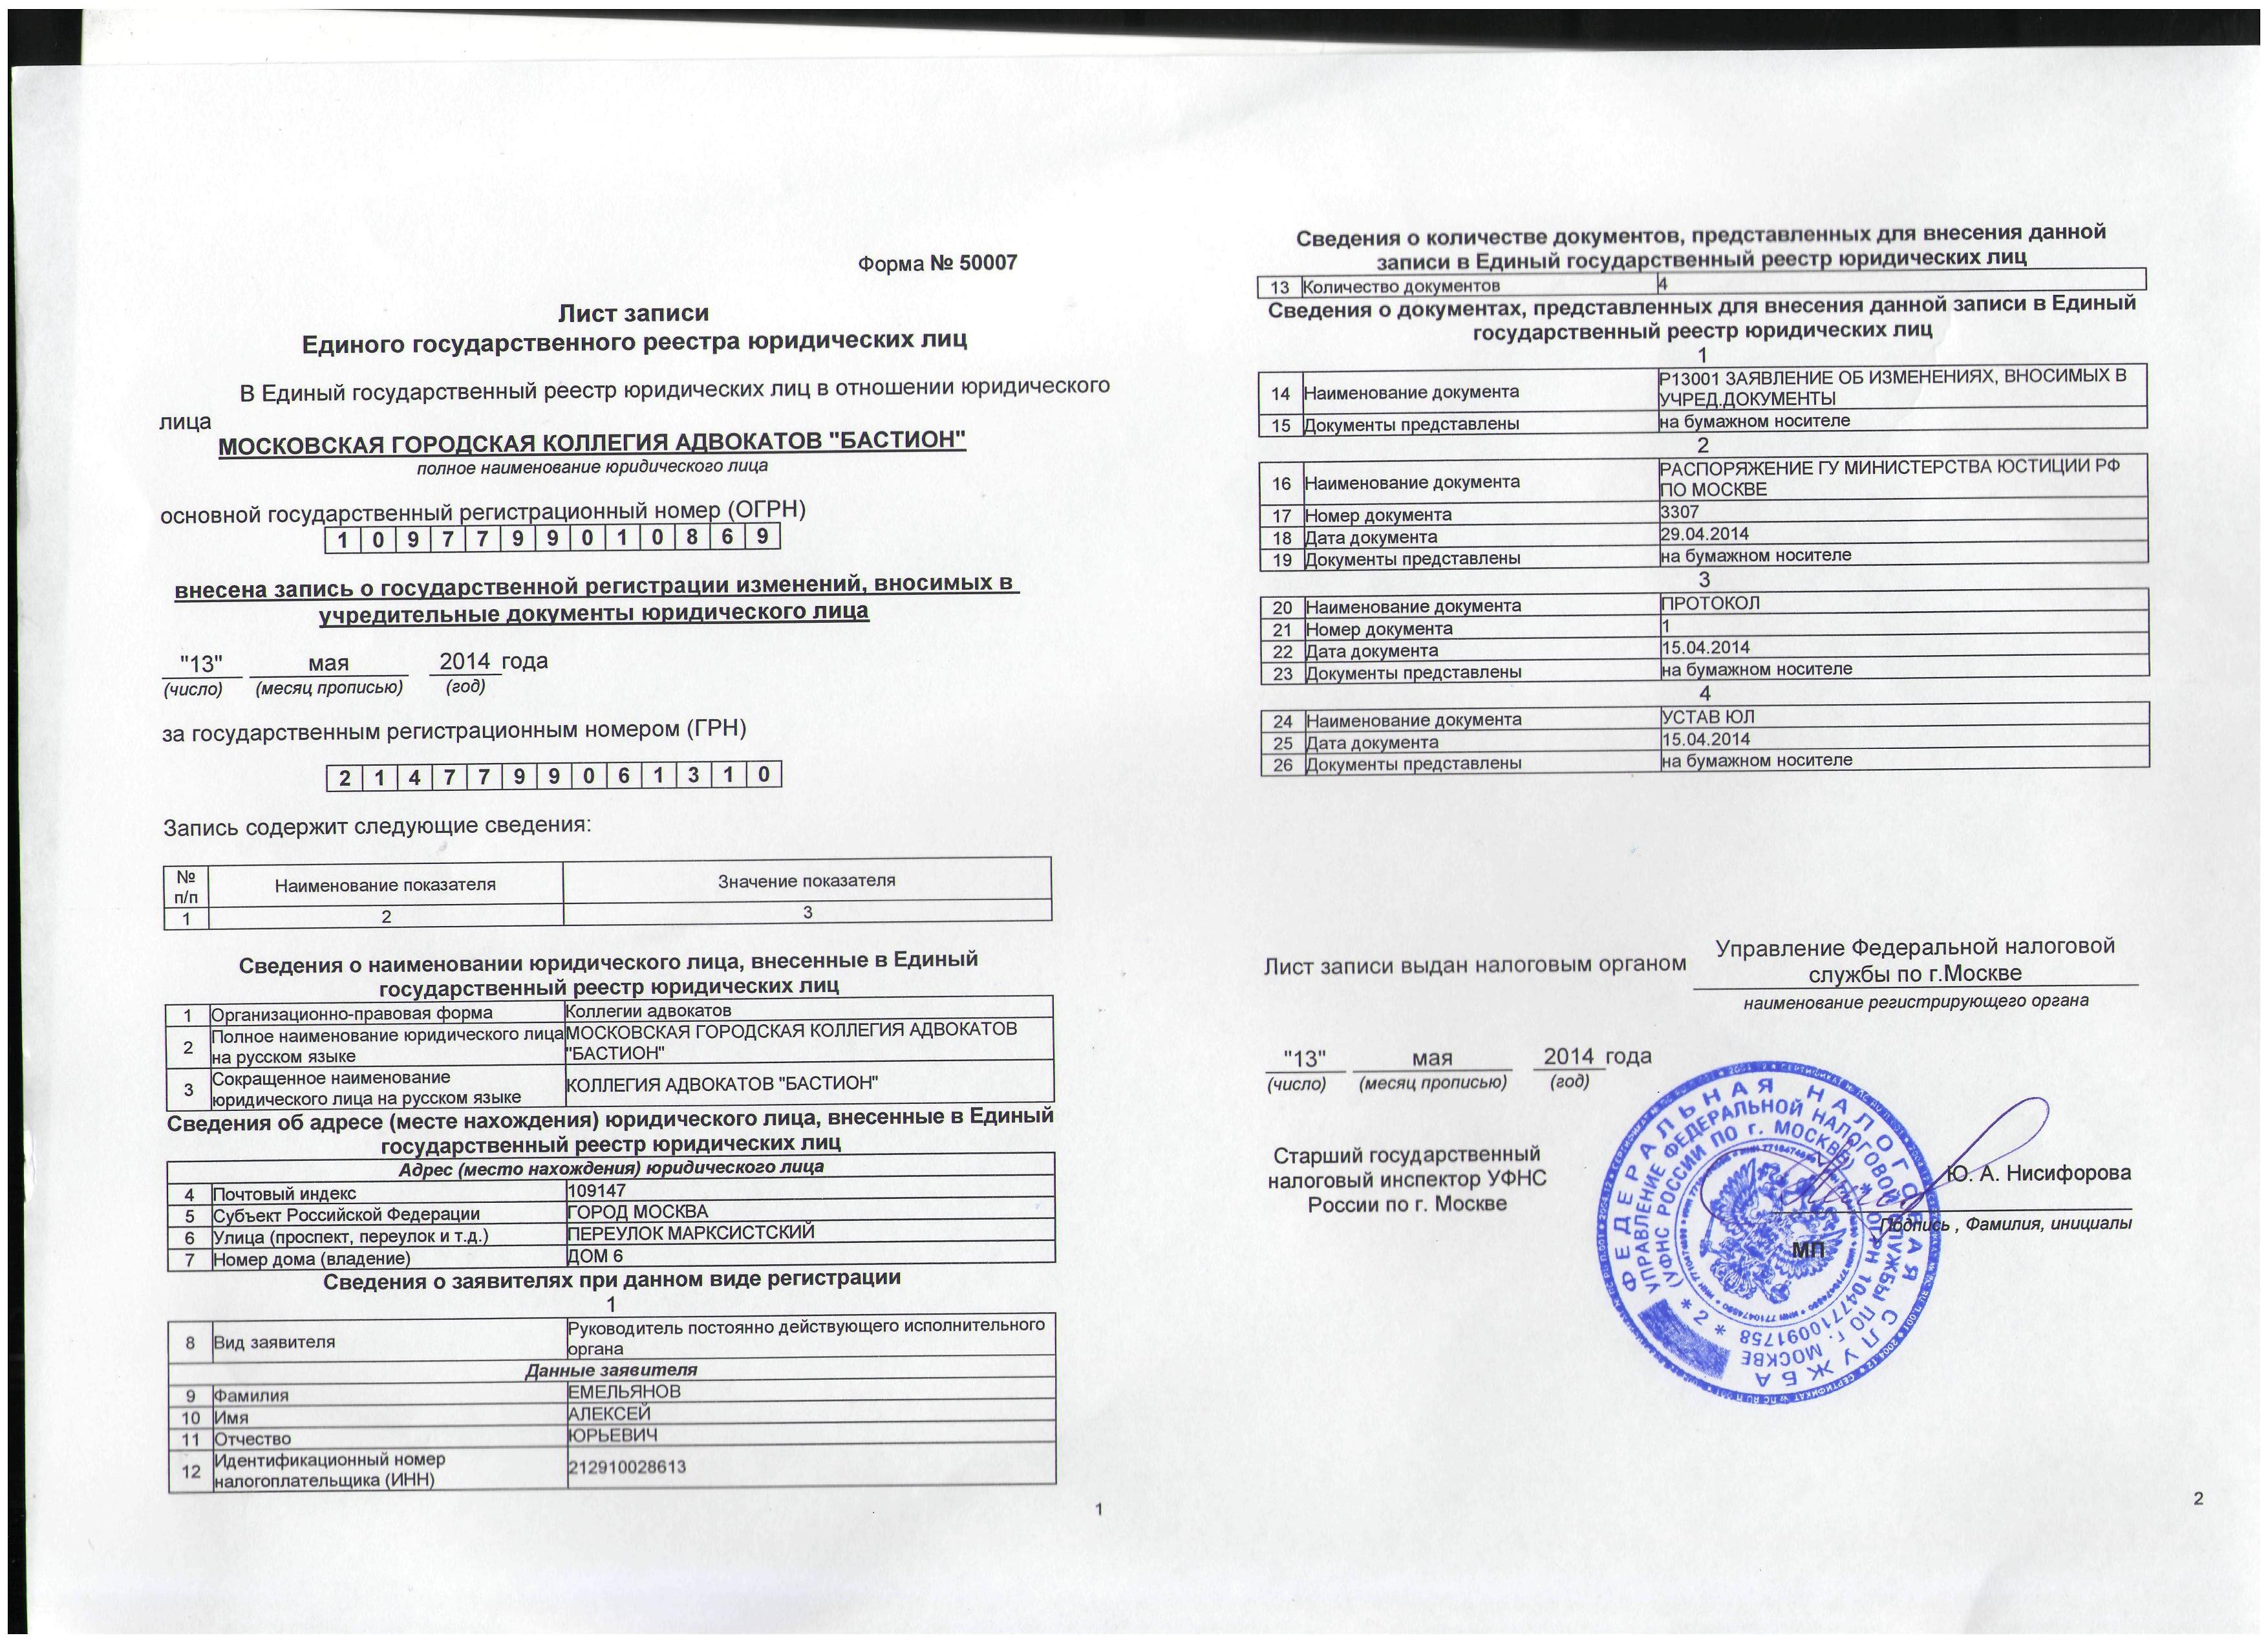 квитанция коллегии адвокатов